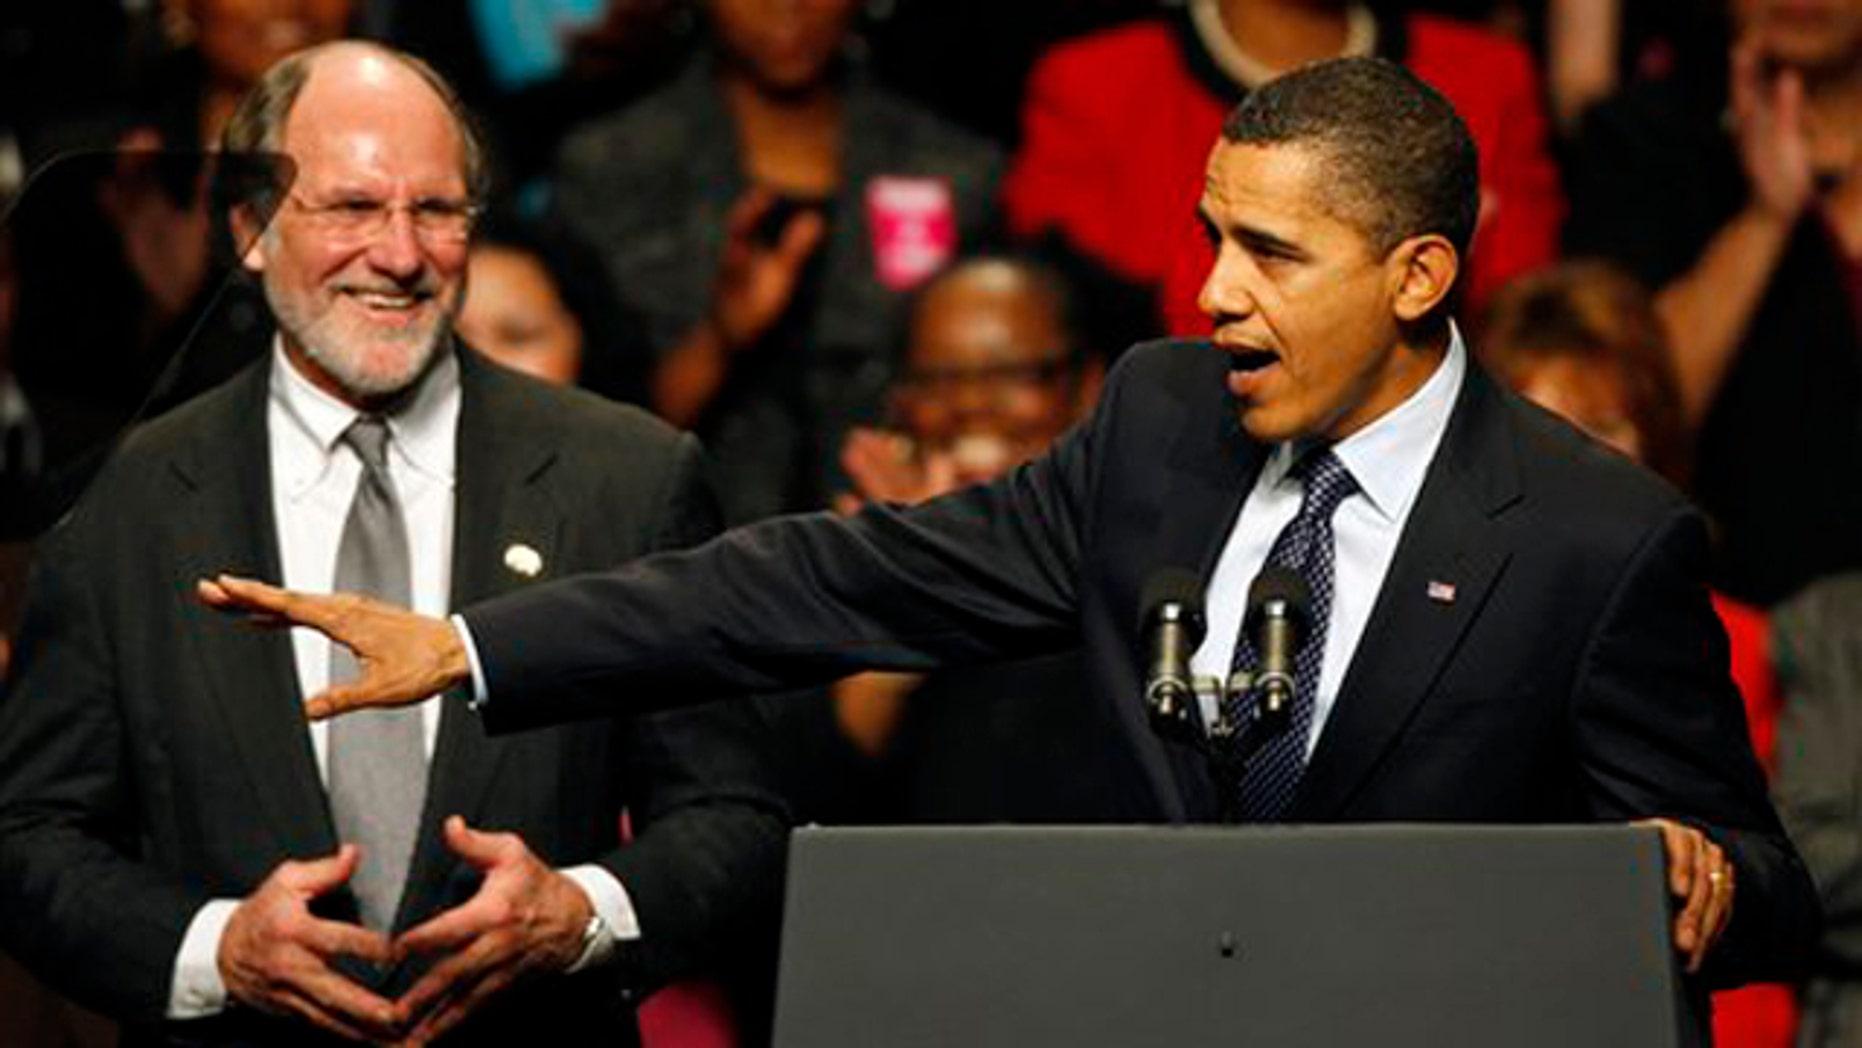 Gov. Jon Corzine listens to President Obama at a campaign rally Nov. 1 in Camden, N.J. (AP Photo)